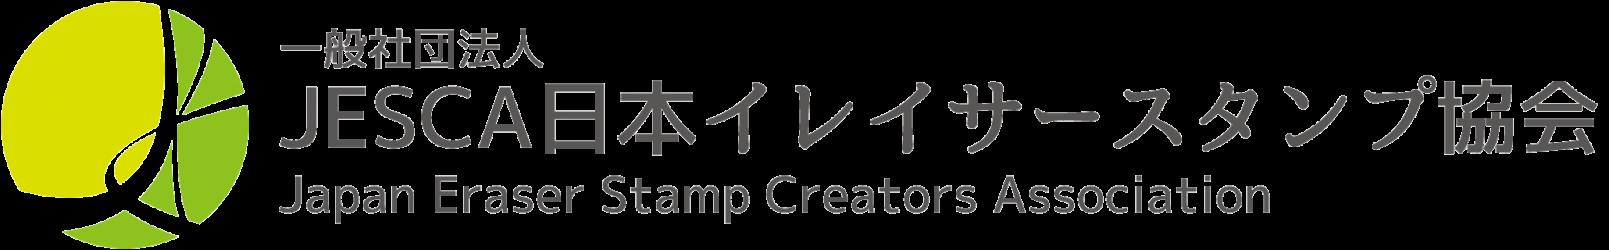 JESCA日本イレイサースタンプ協会